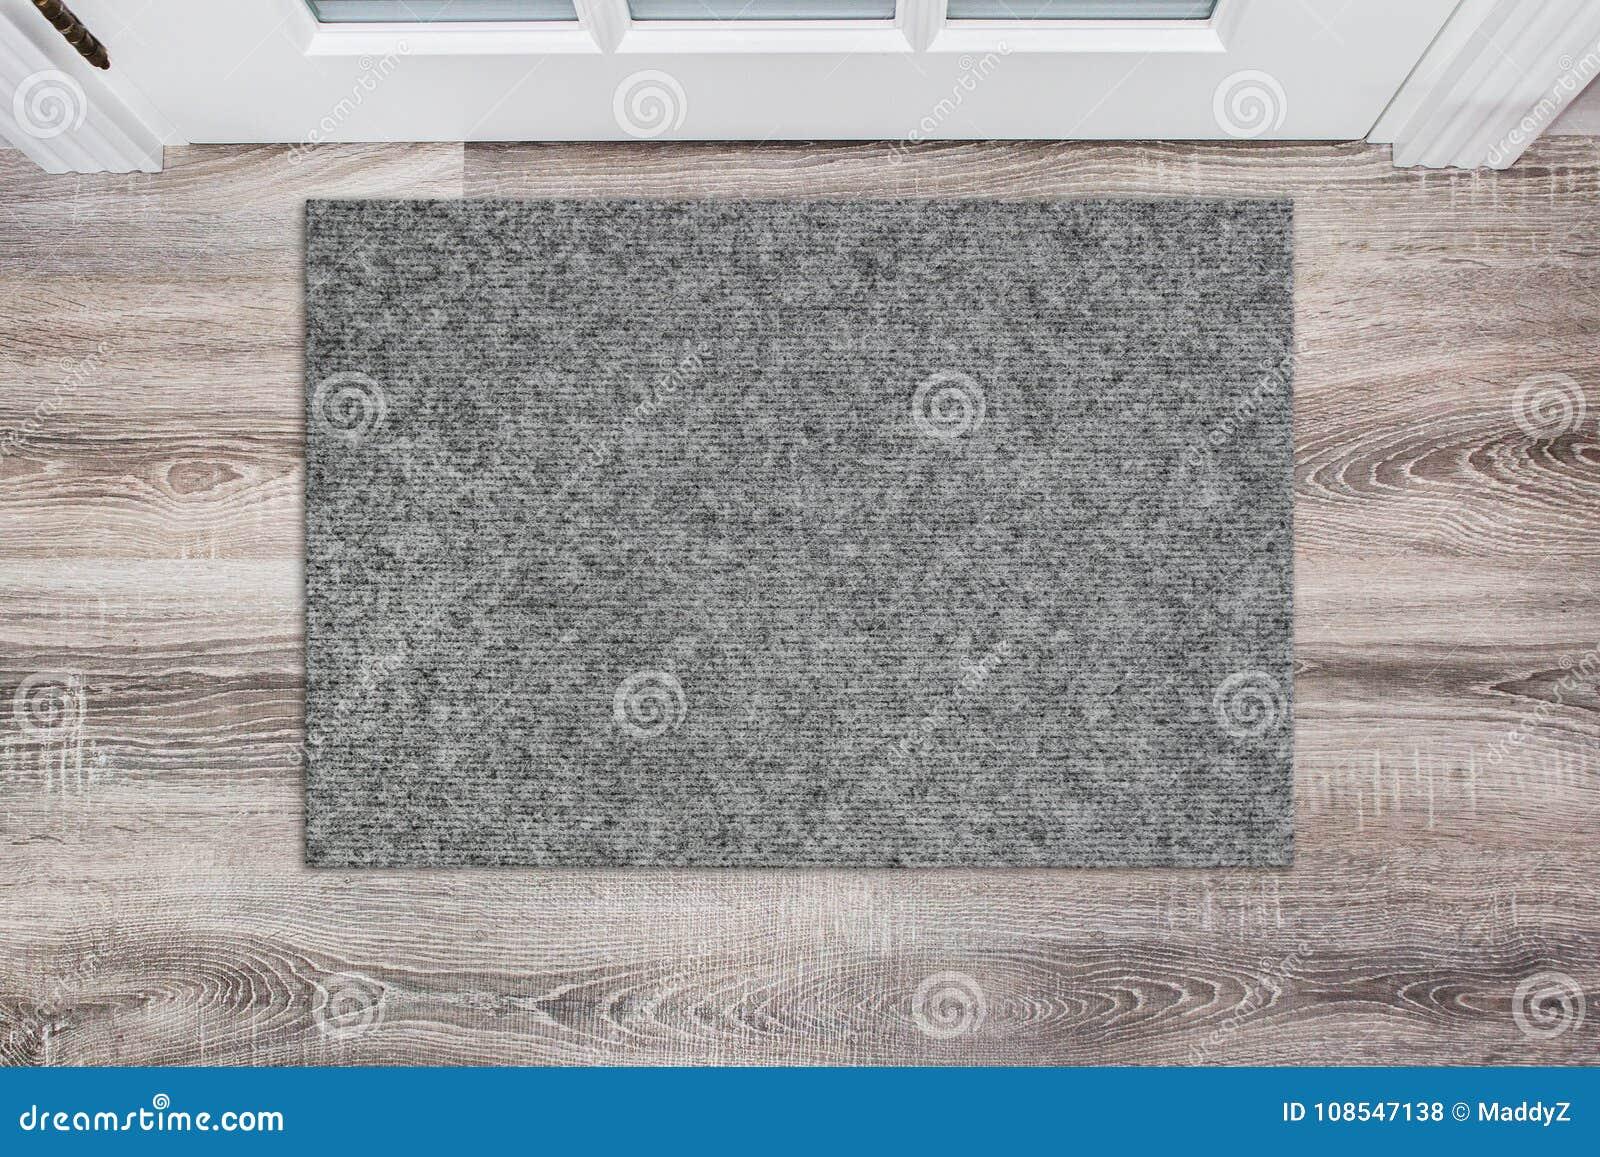 Leere graue woolen Fußmatte vor der weißen Tür in der Halle Matte auf Bretterboden, Produkt Modell